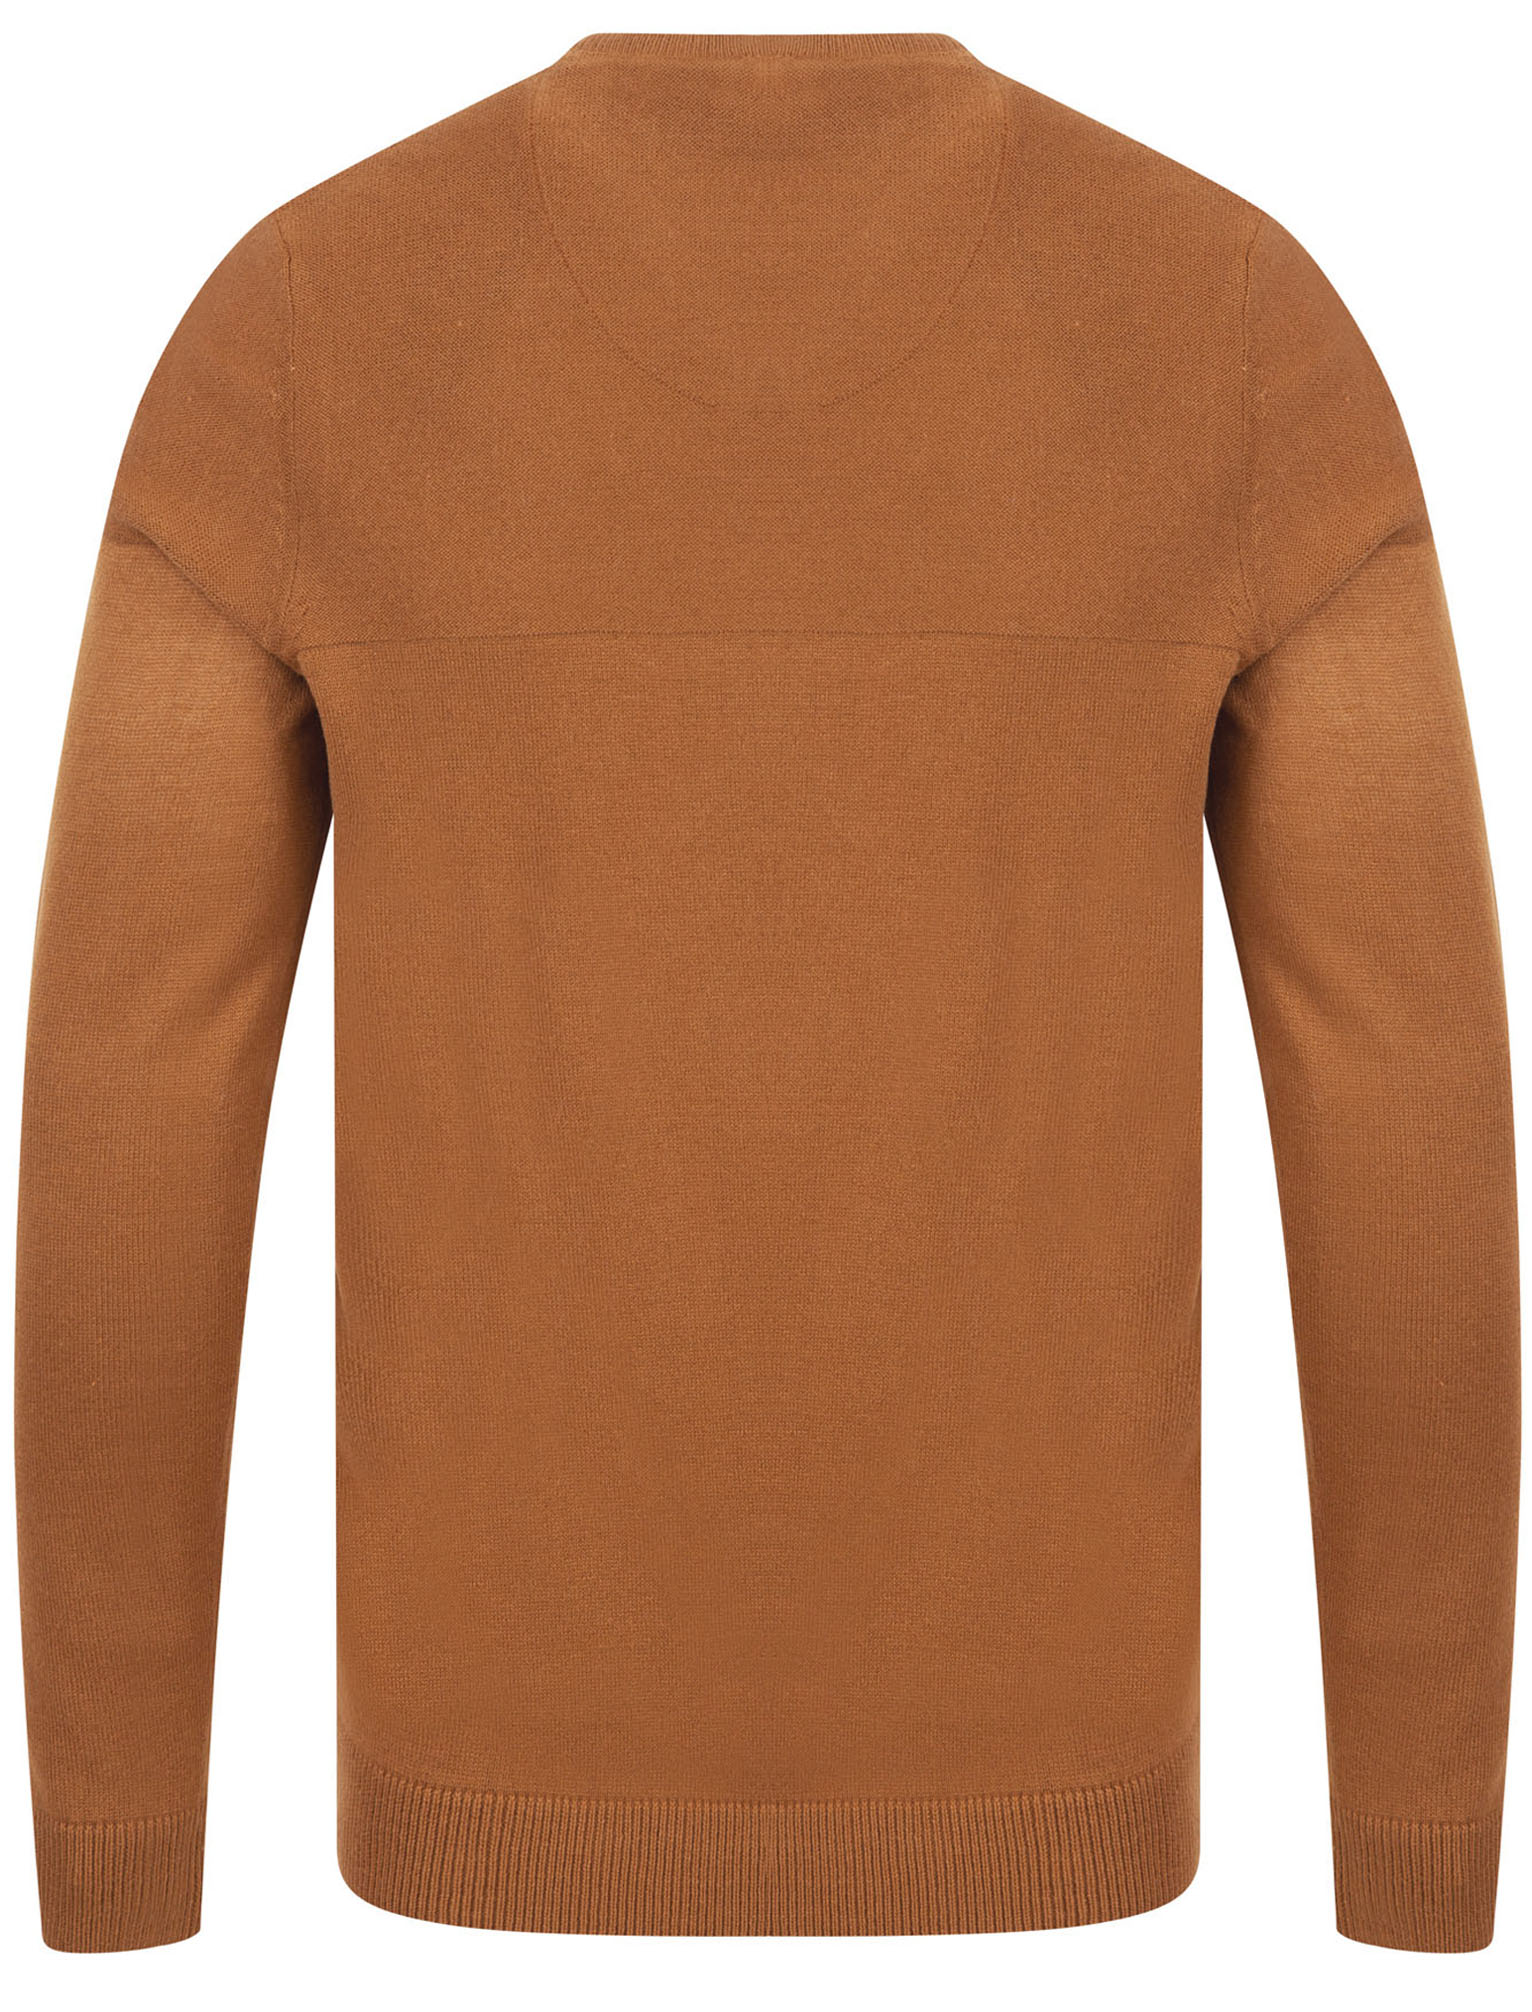 Kensington-Eastside-Men-039-s-Knitted-Crew-or-V-Neck-Jumper-Sweater-Top-Pullover thumbnail 51